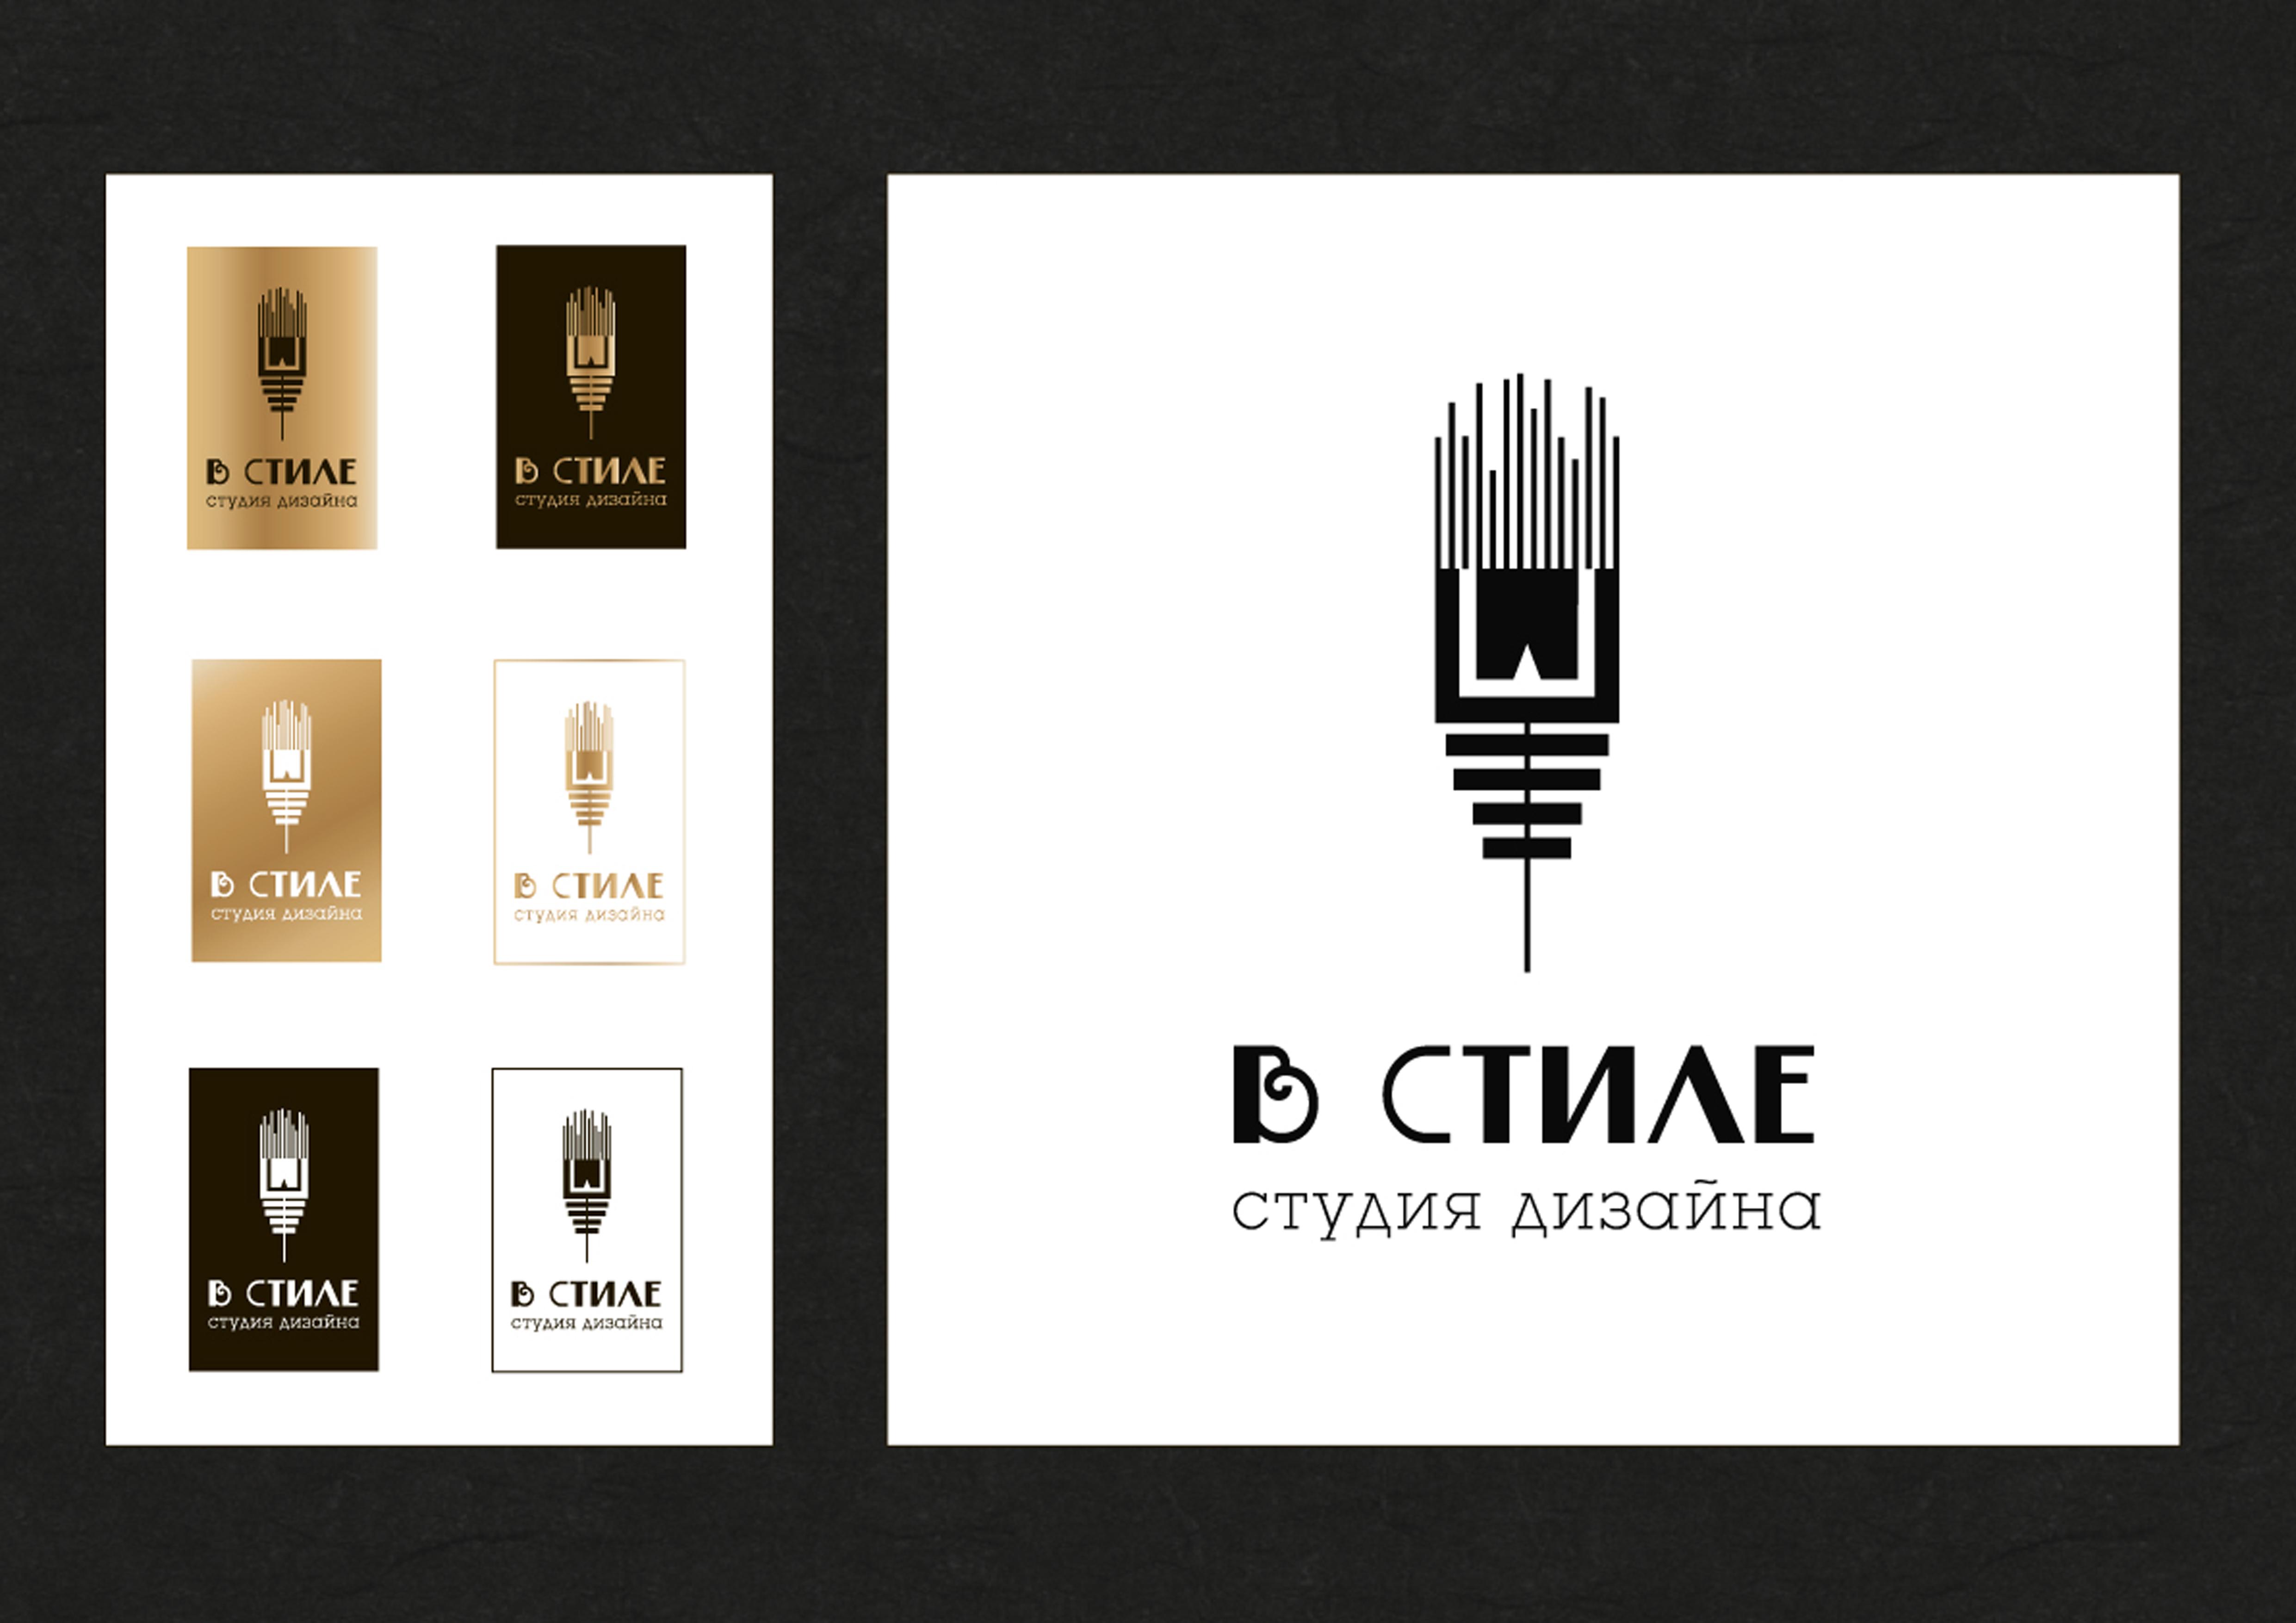 Стиль студия дизайна